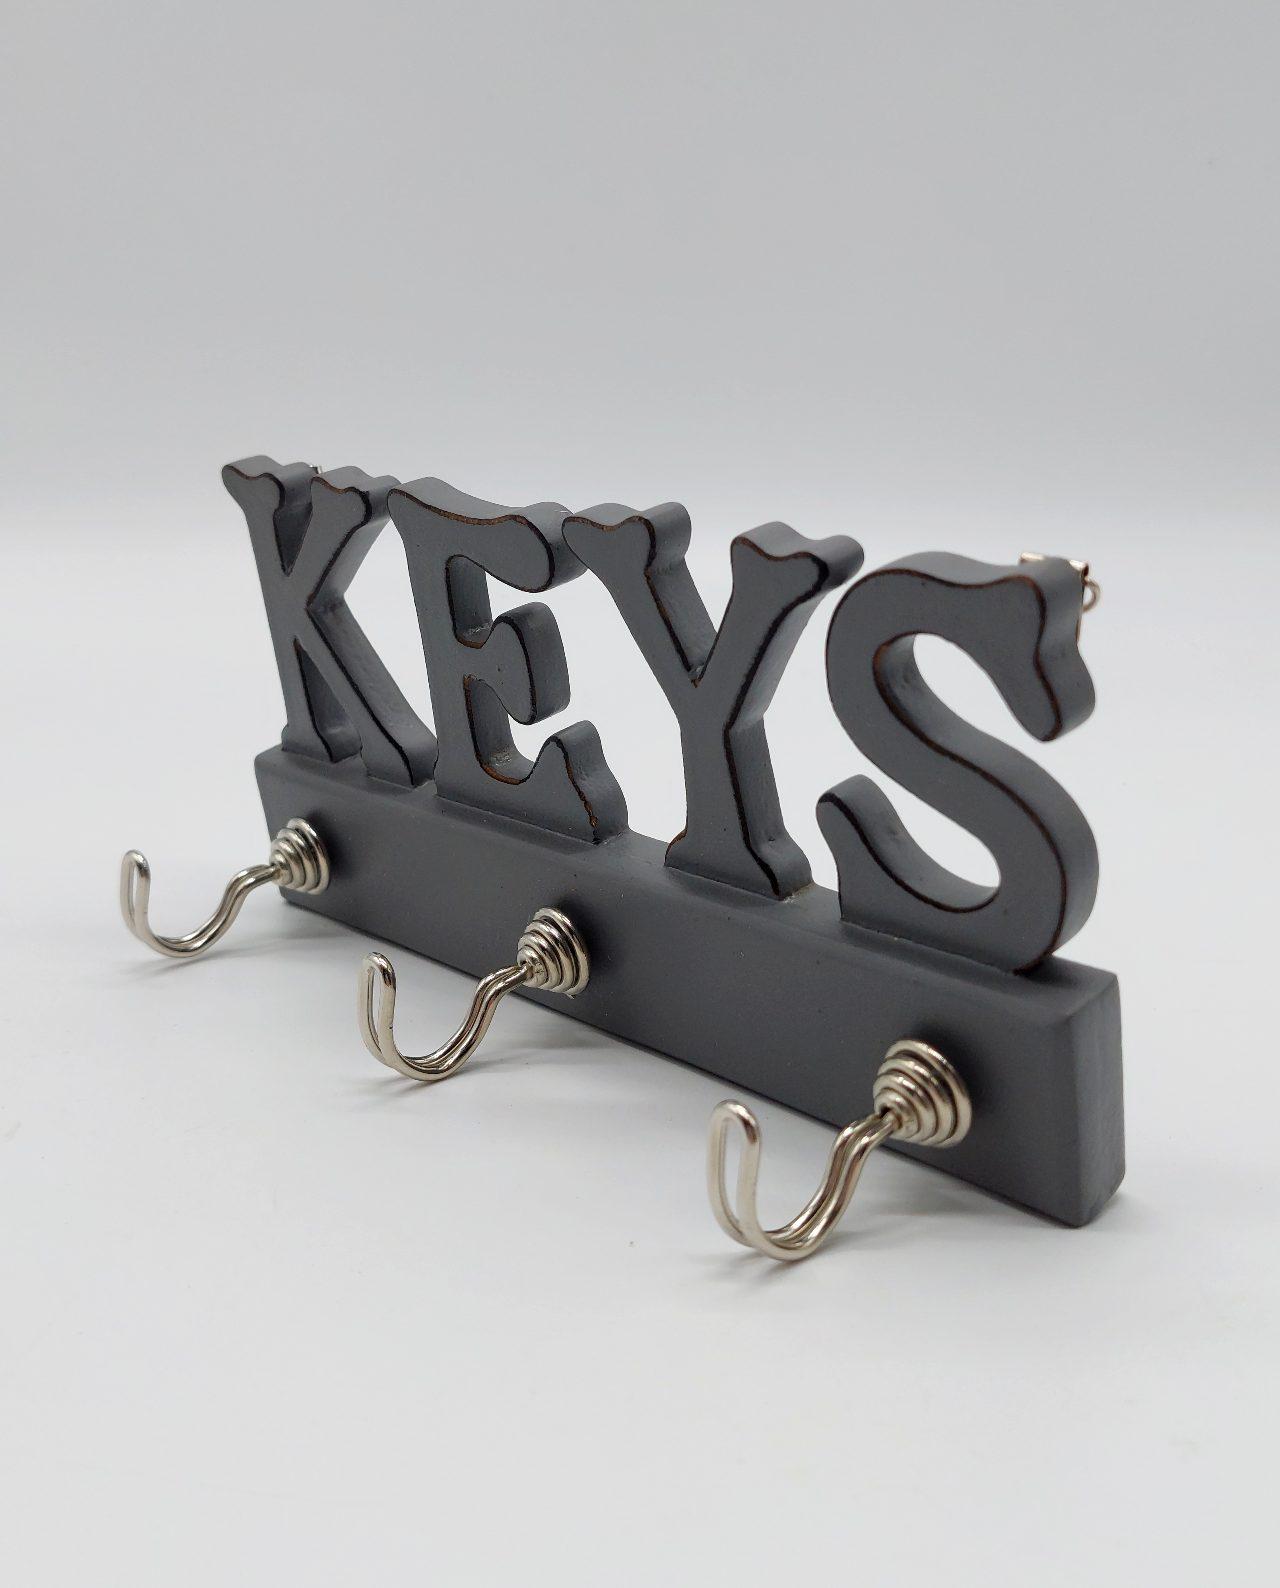 Keys Hanger Wooden Handmade